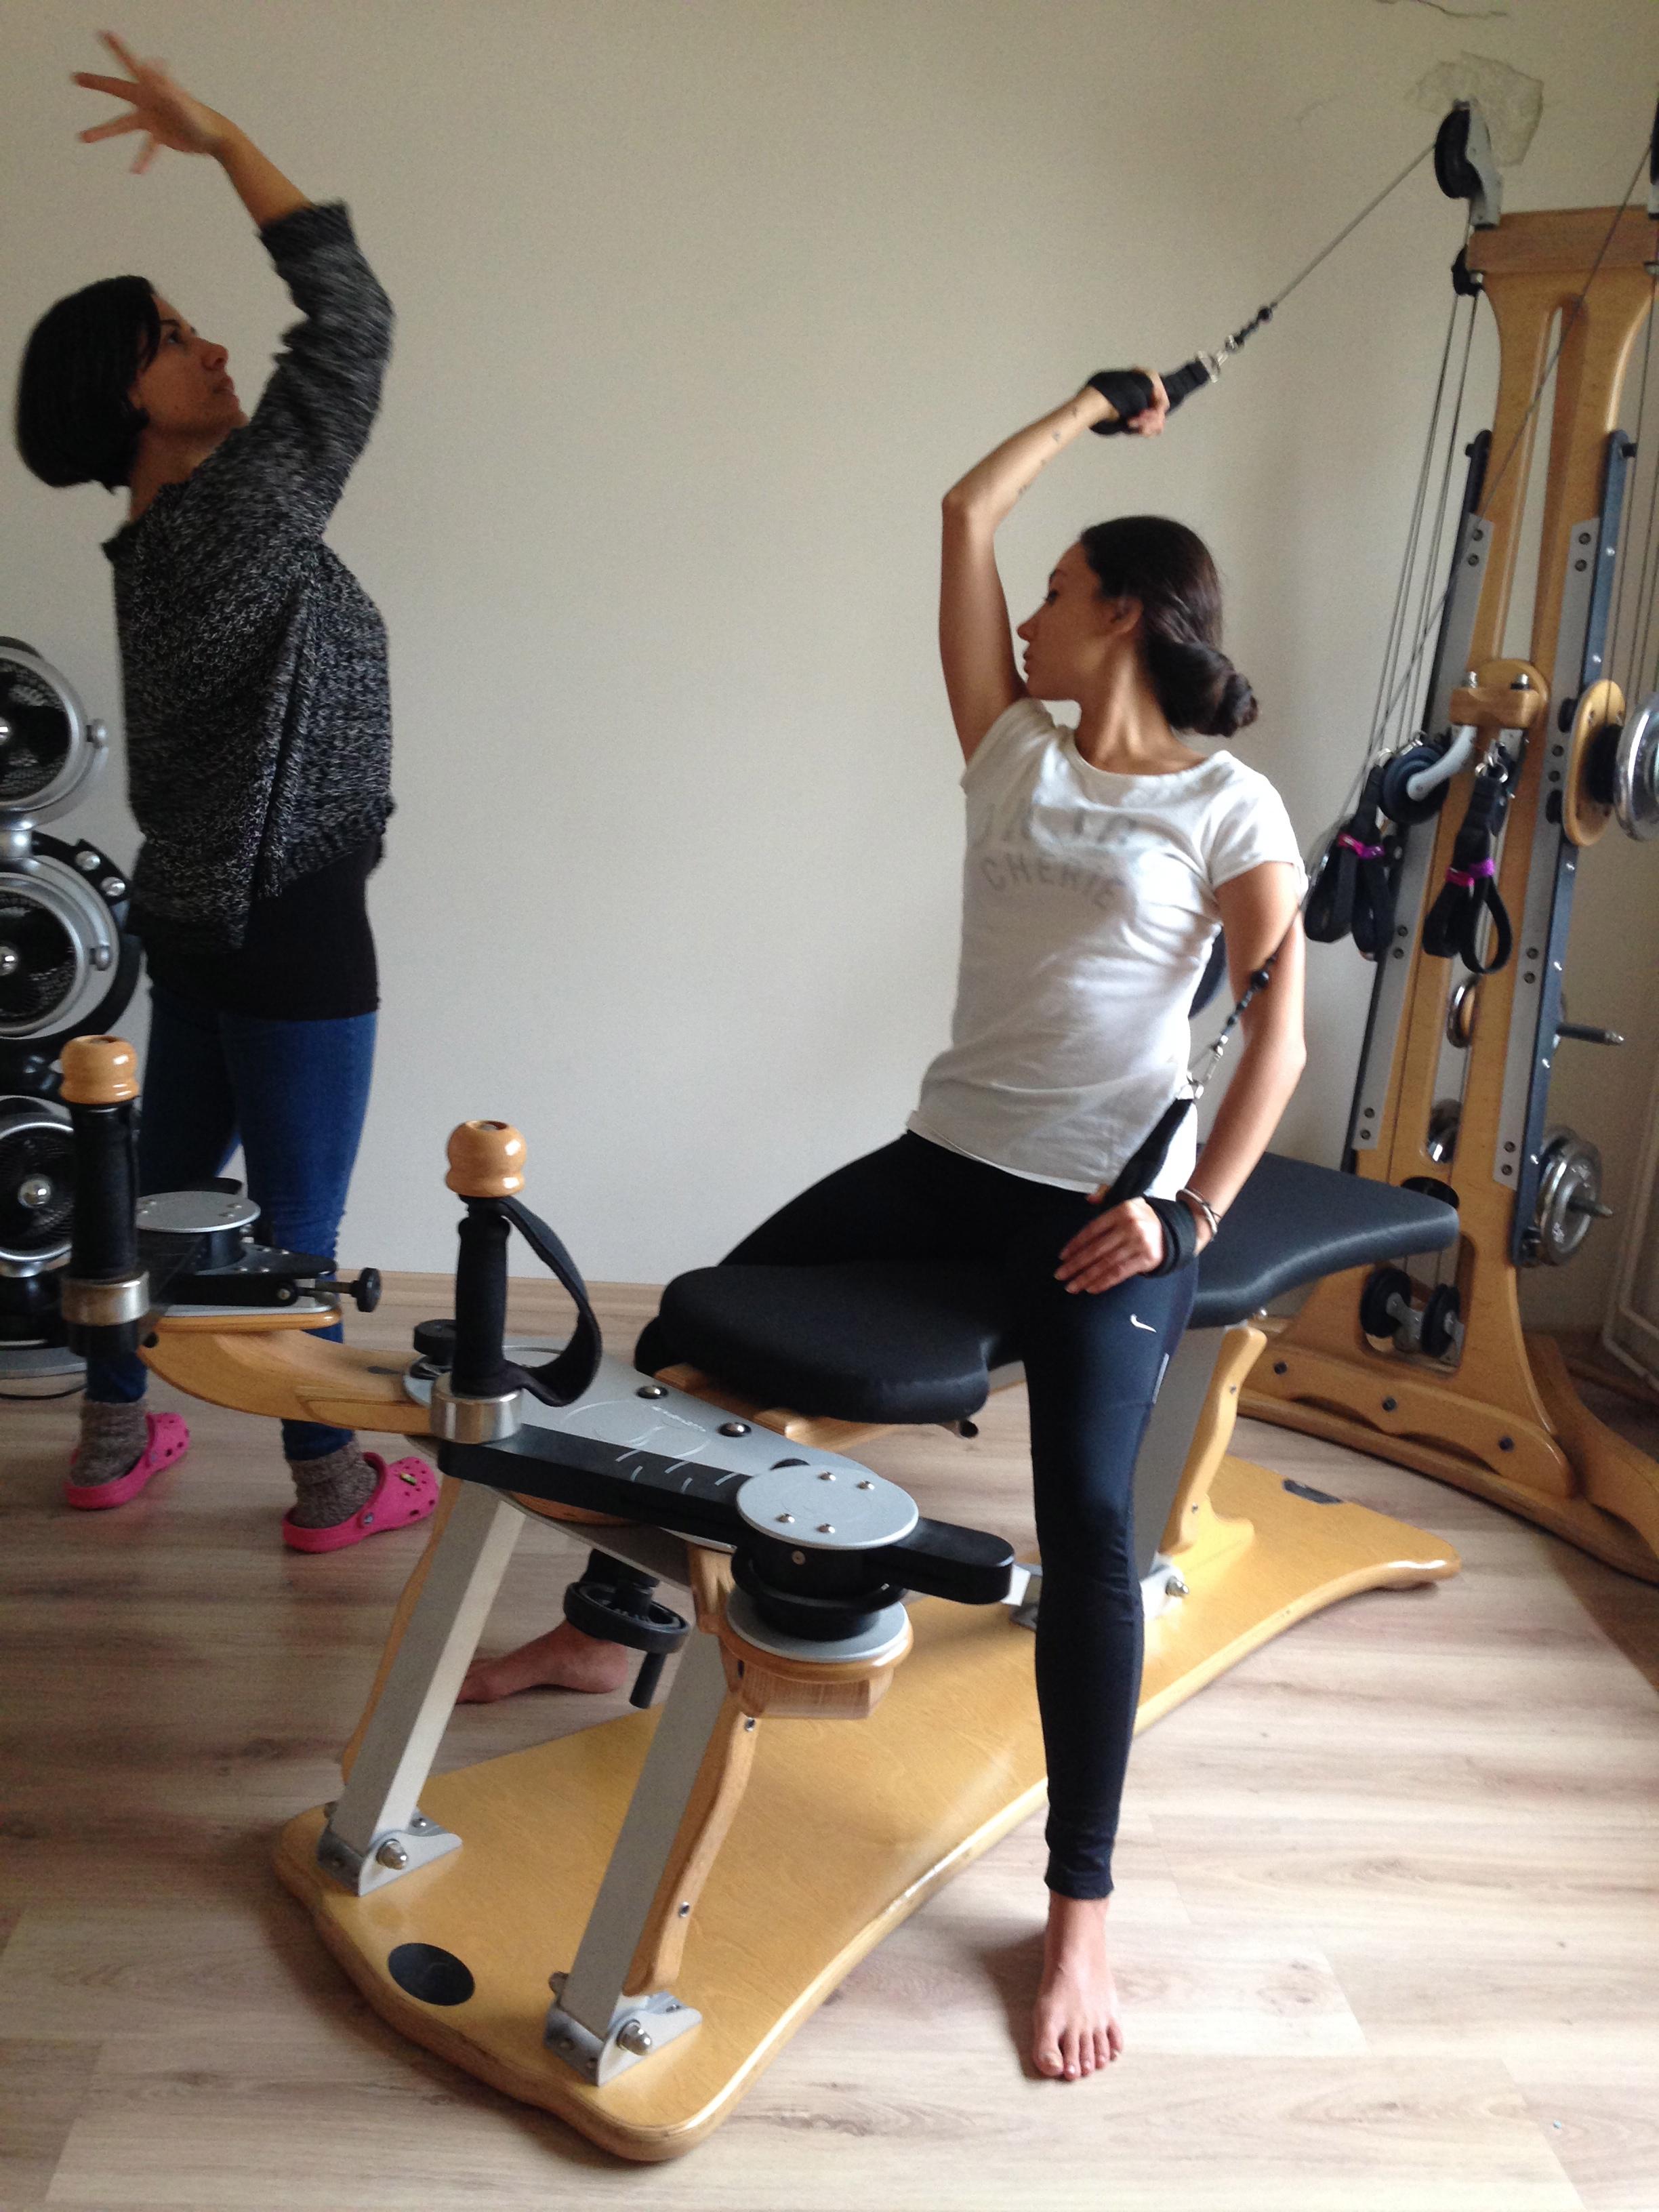 Egzersiz Yapmadan Zayıflamanın Yolları: Spor Yapmadan Zayıflamak